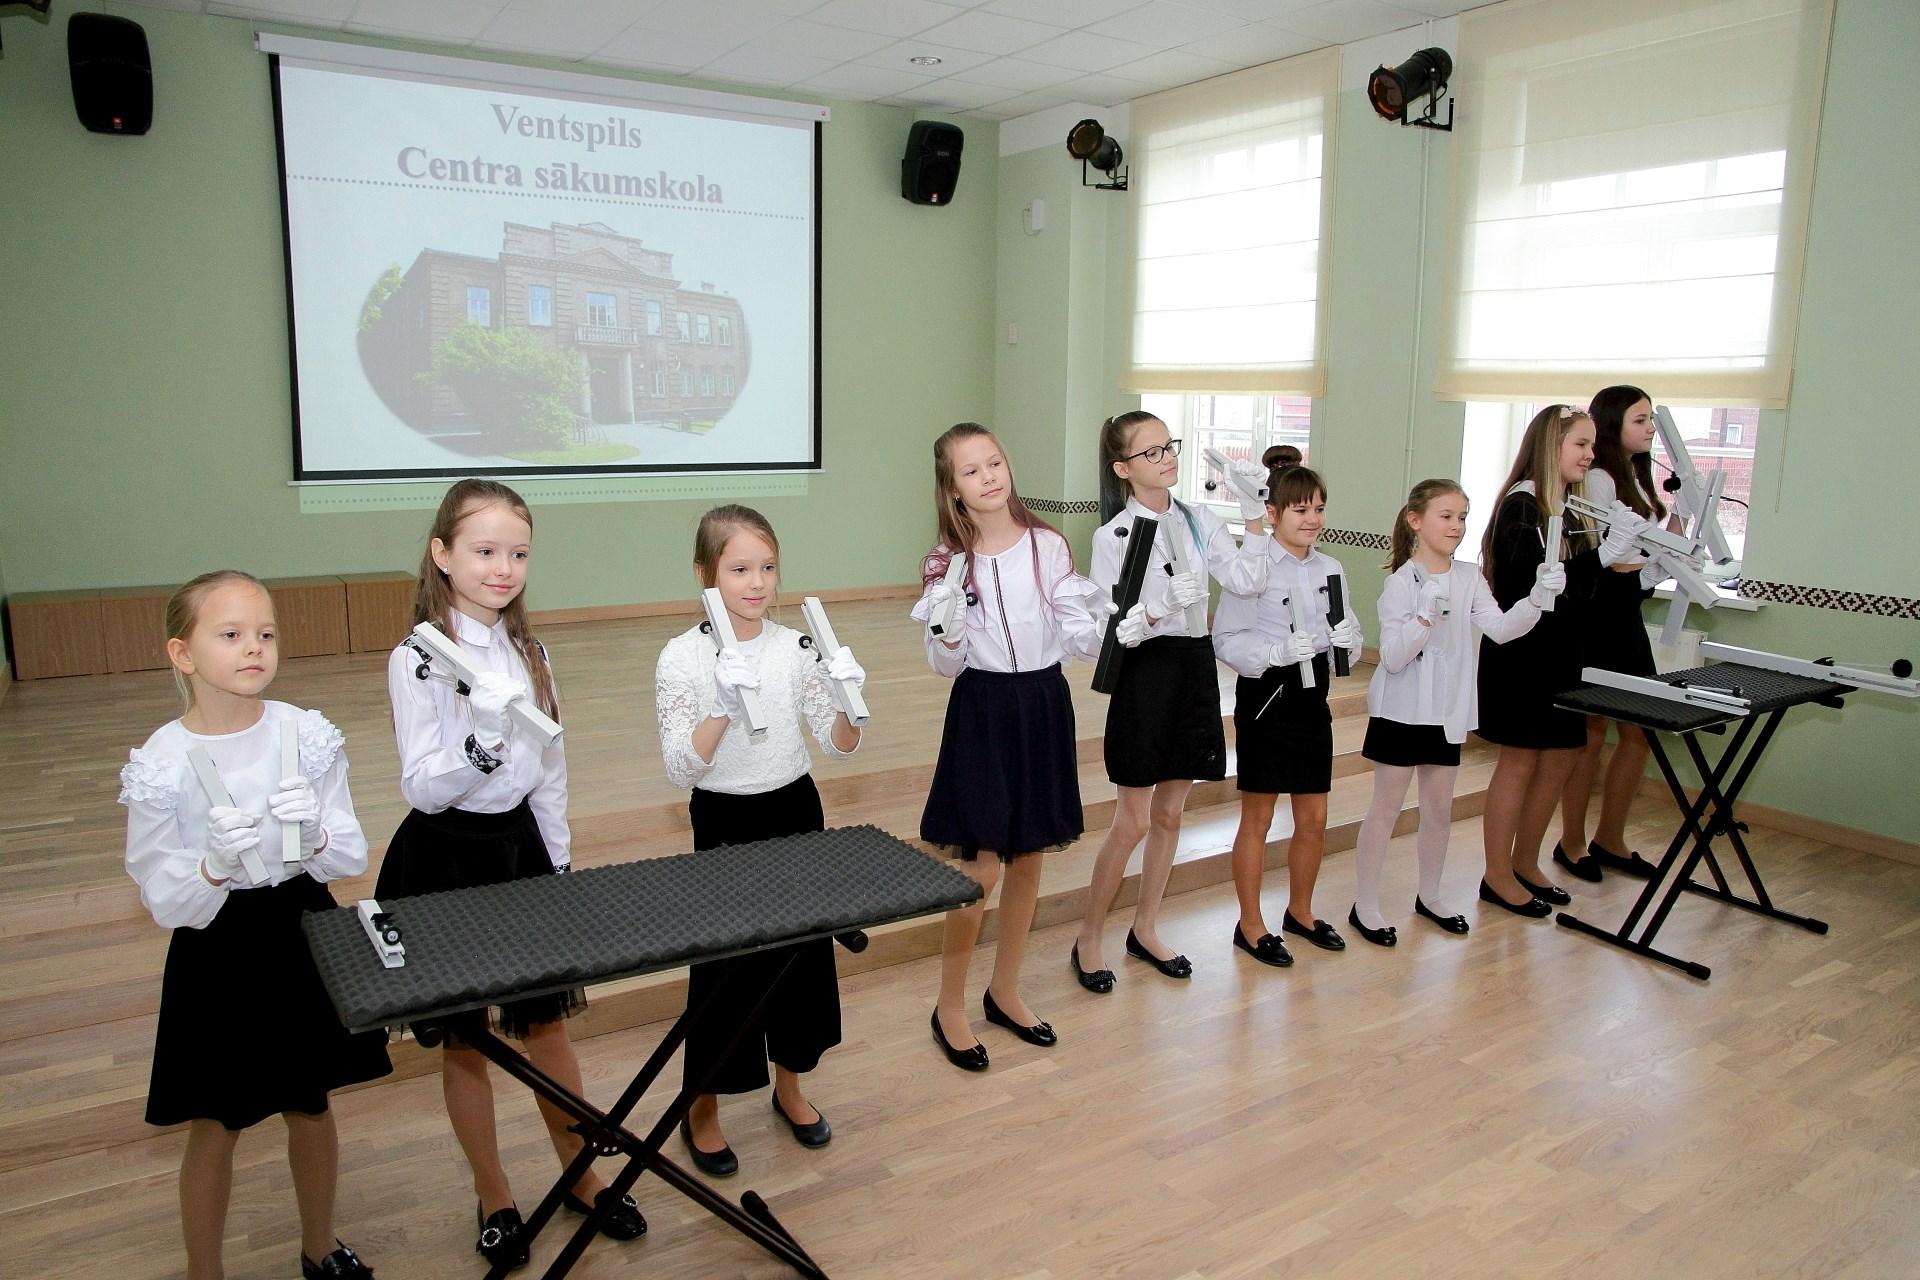 Veiksmīgi pagājusi Ventspils Centra sākumskolas akreditācija